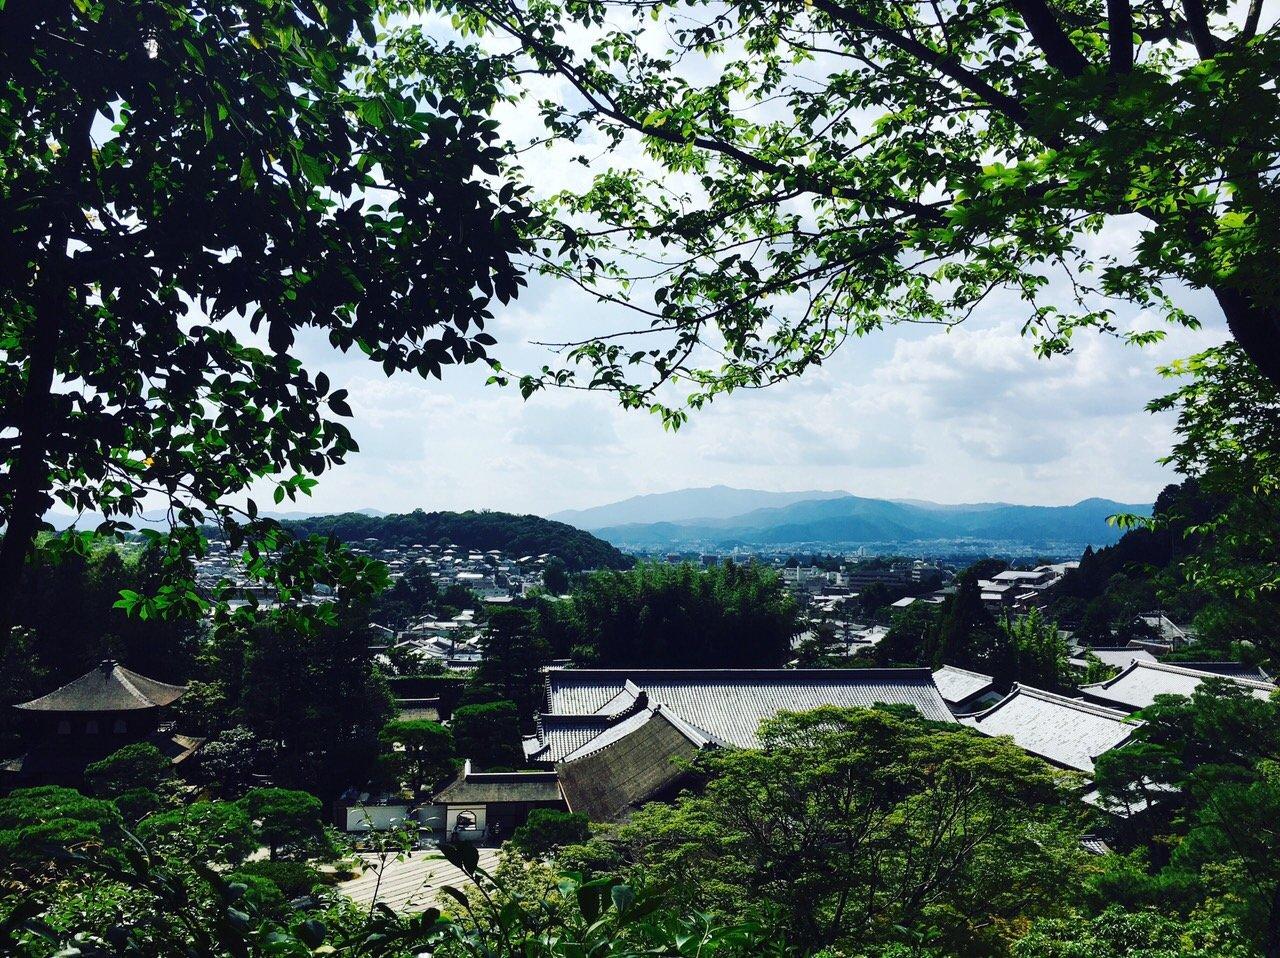 【一萌流浪记】从古韵京都开始认识日本